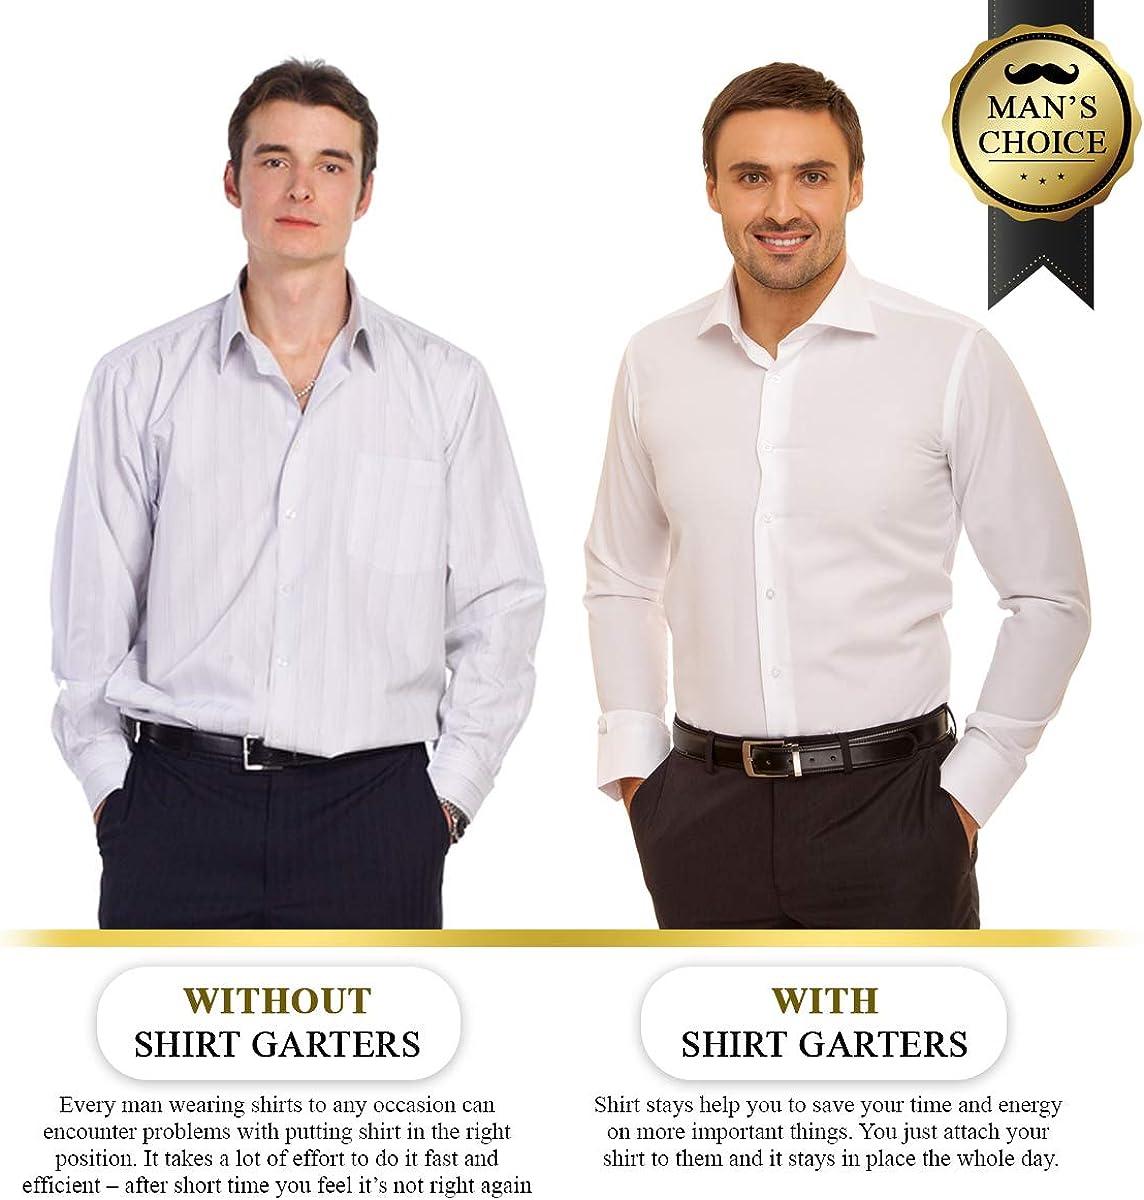 Sujeta Camisas 1 Par | Tirantes Camisa Pierna | Tirantes Hombre | Shirt Stay | Antiarrugas Para Camisas Invisible – Fácil De Colocar: Amazon.es: Ropa y accesorios